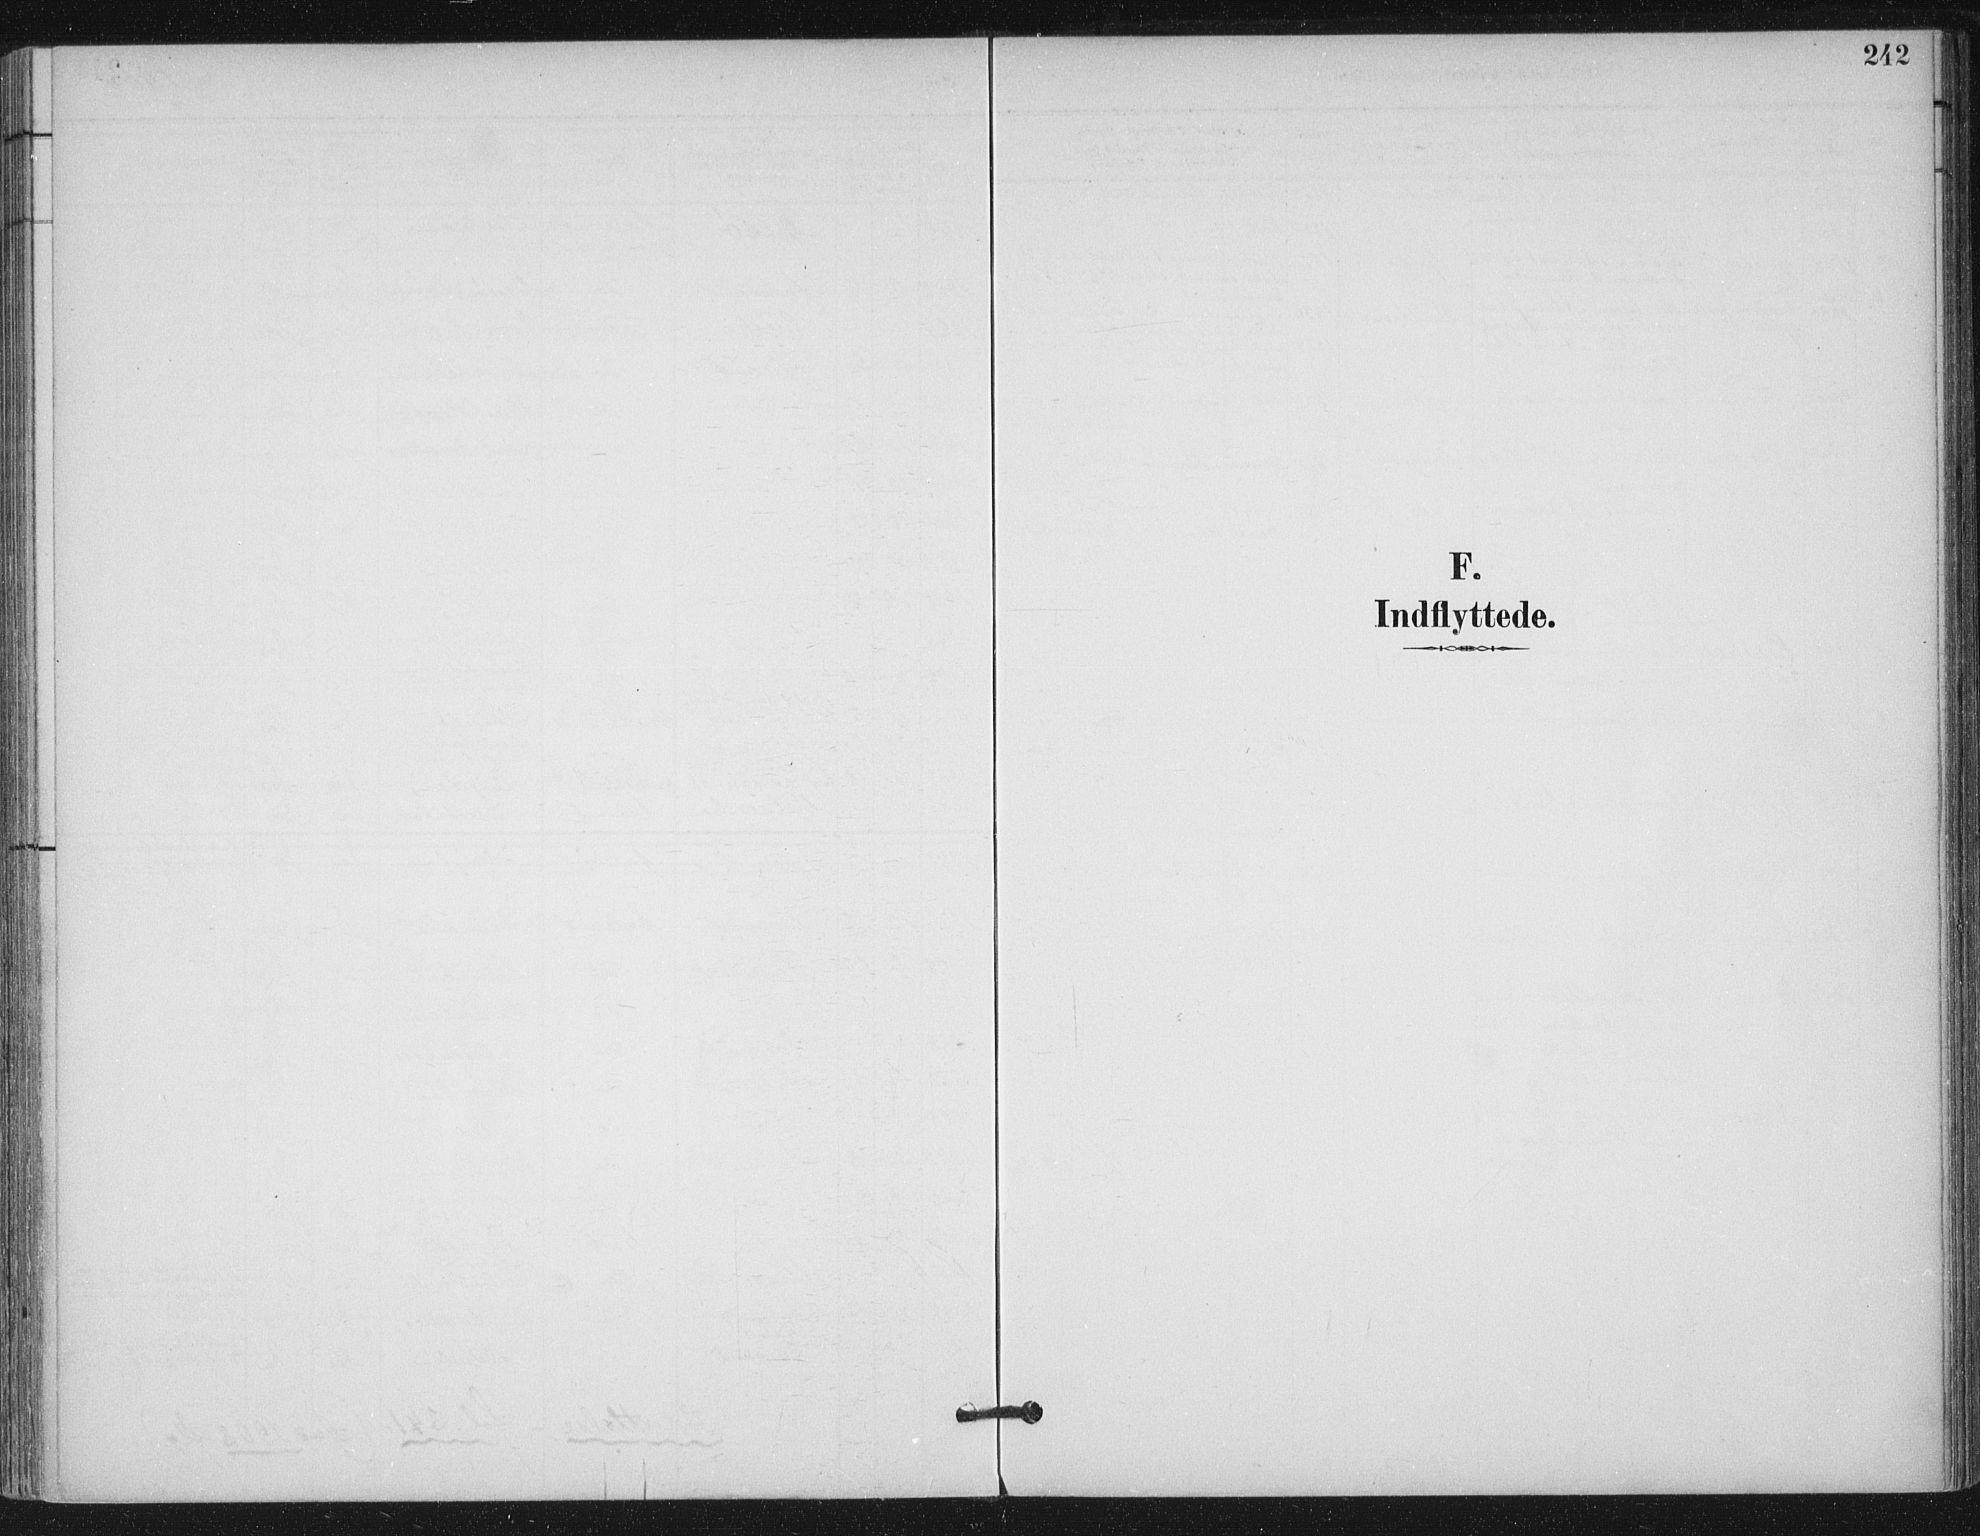 SAT, Ministerialprotokoller, klokkerbøker og fødselsregistre - Møre og Romsdal, 529/L0457: Ministerialbok nr. 529A07, 1894-1903, s. 242